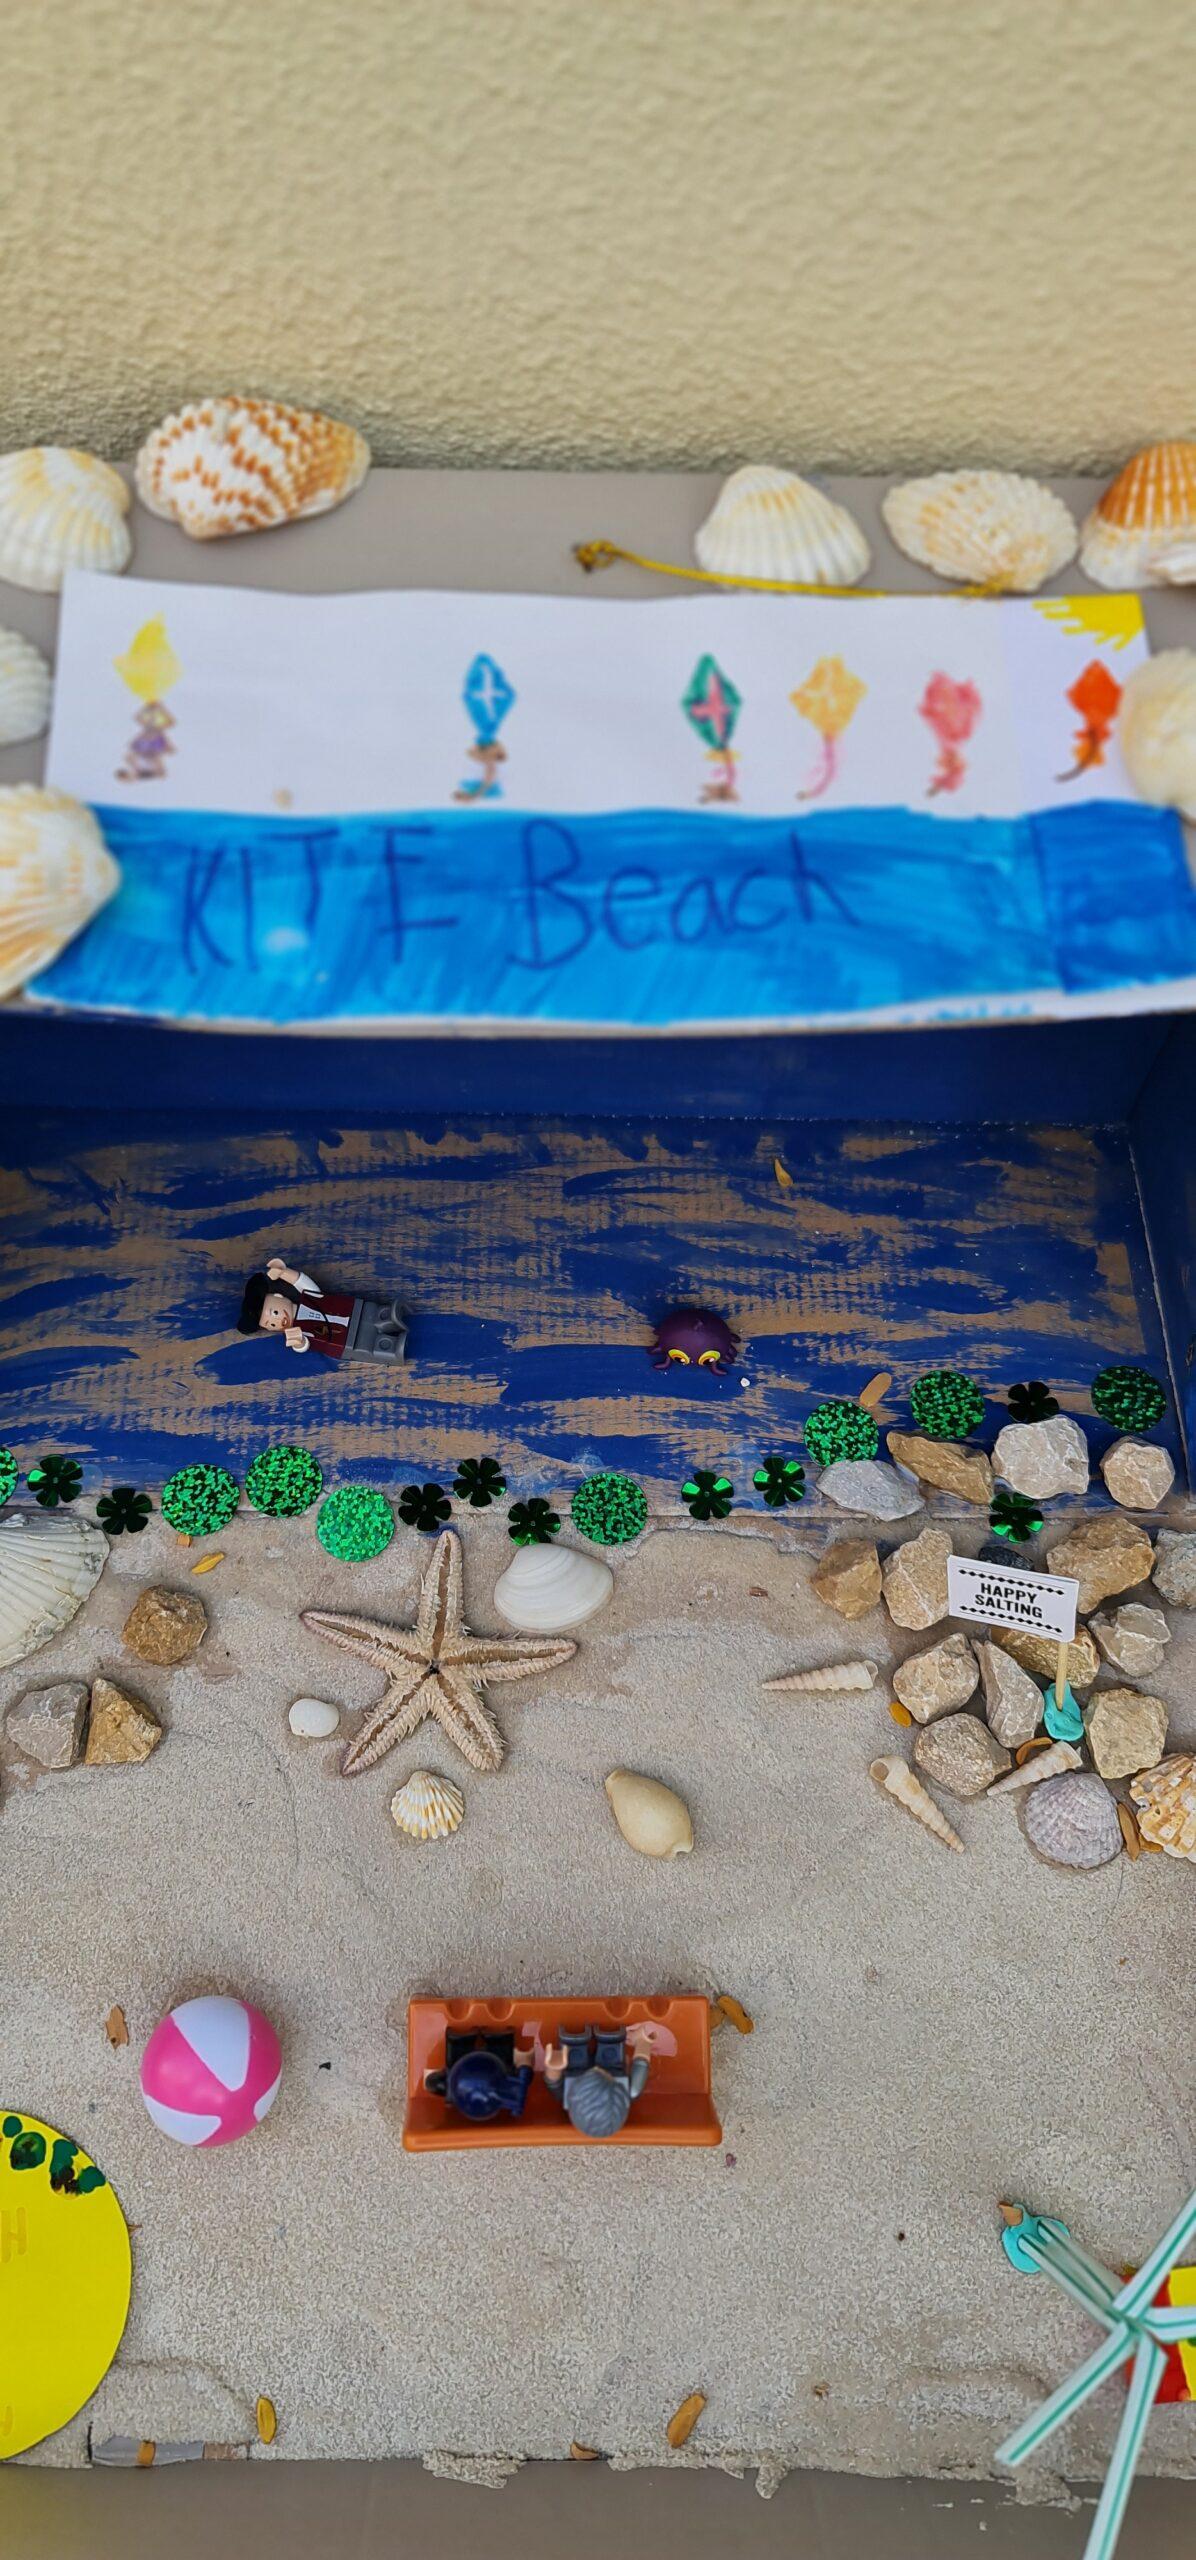 Beach In A Box by Hadi Salem